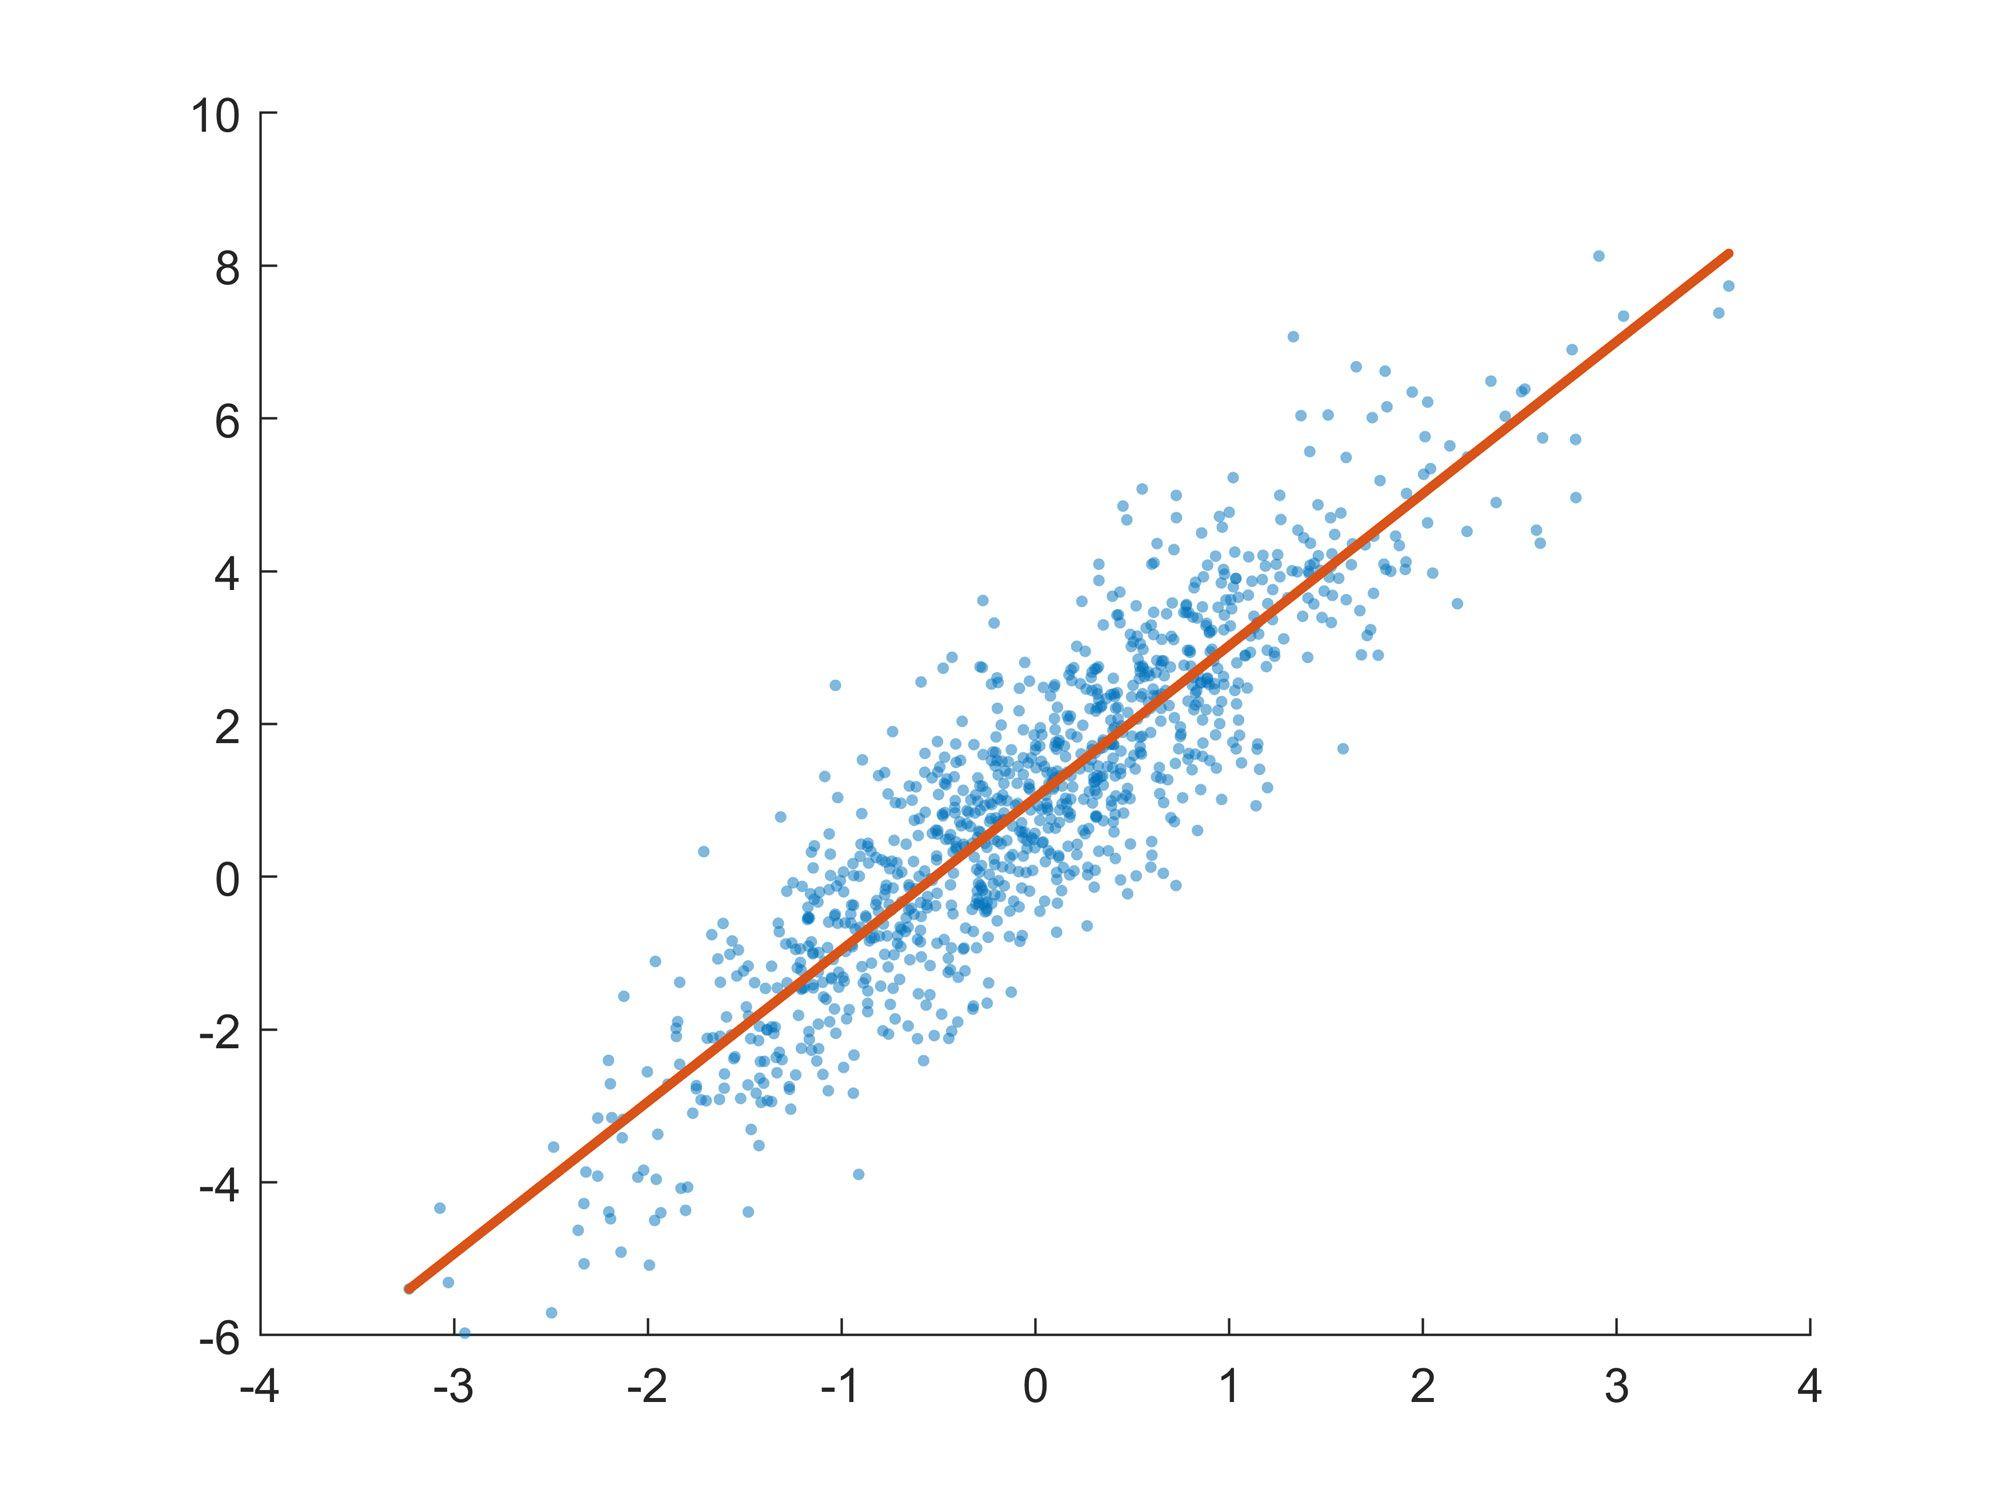 图3. 最佳拟合线和底层的分散数据。